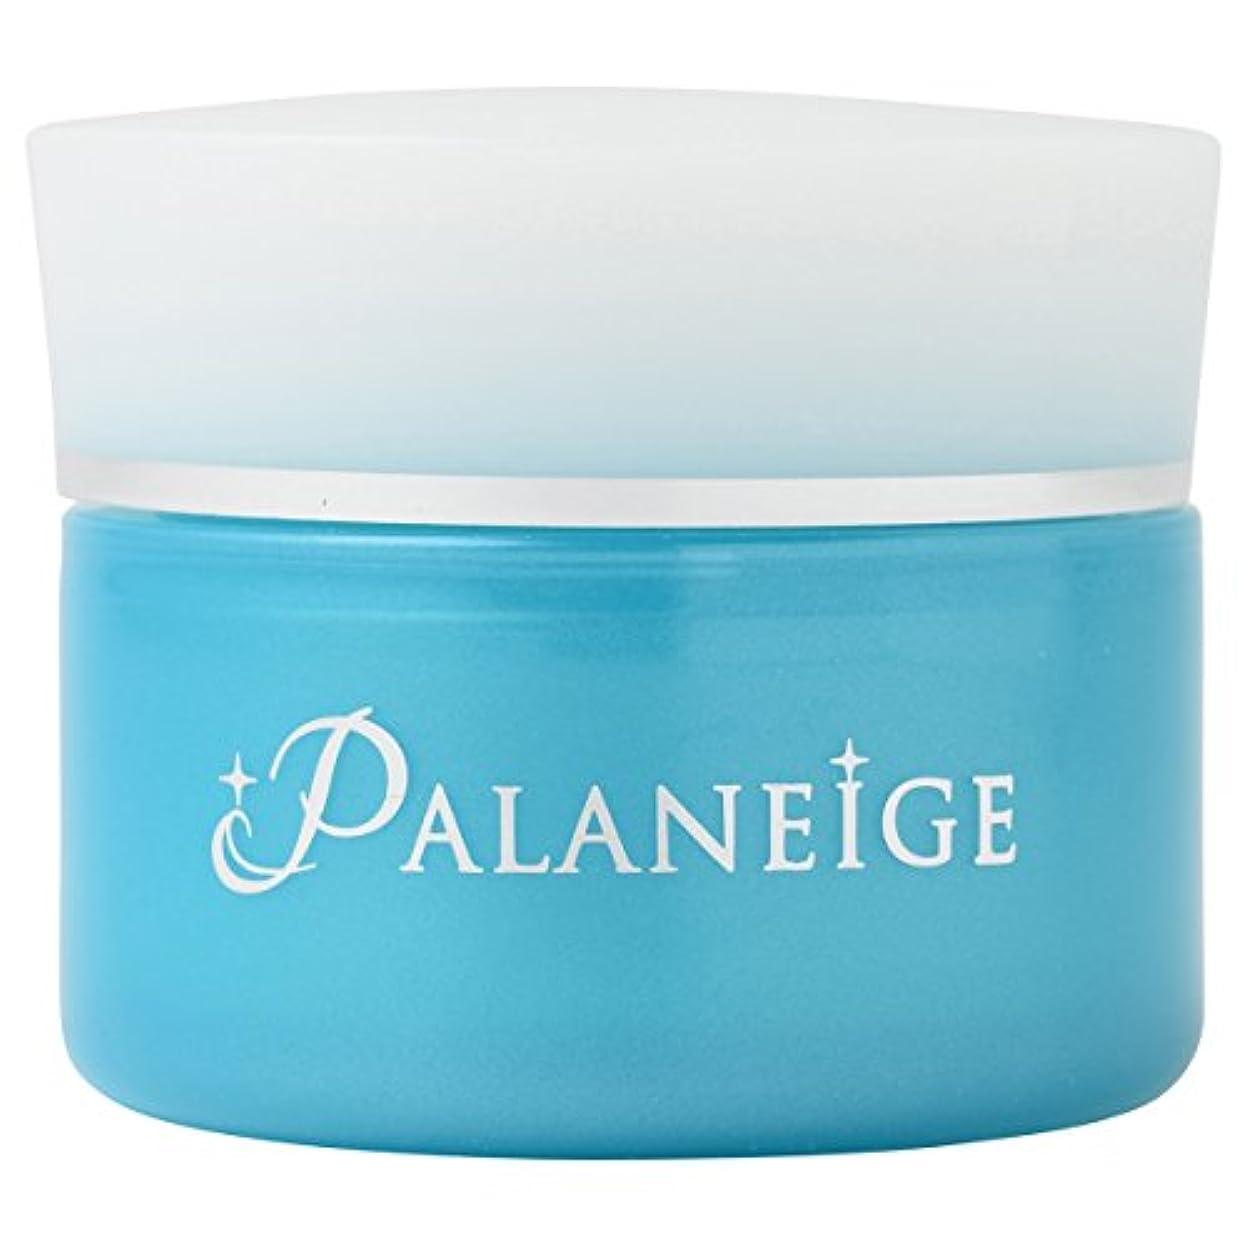 長いですマージブルジョンパラネージュ ( Palaneige ) アルブチンの8倍の美白効果とプラセンタの250倍の美白有効成分があるパラオの白泥を利用した クレイパック